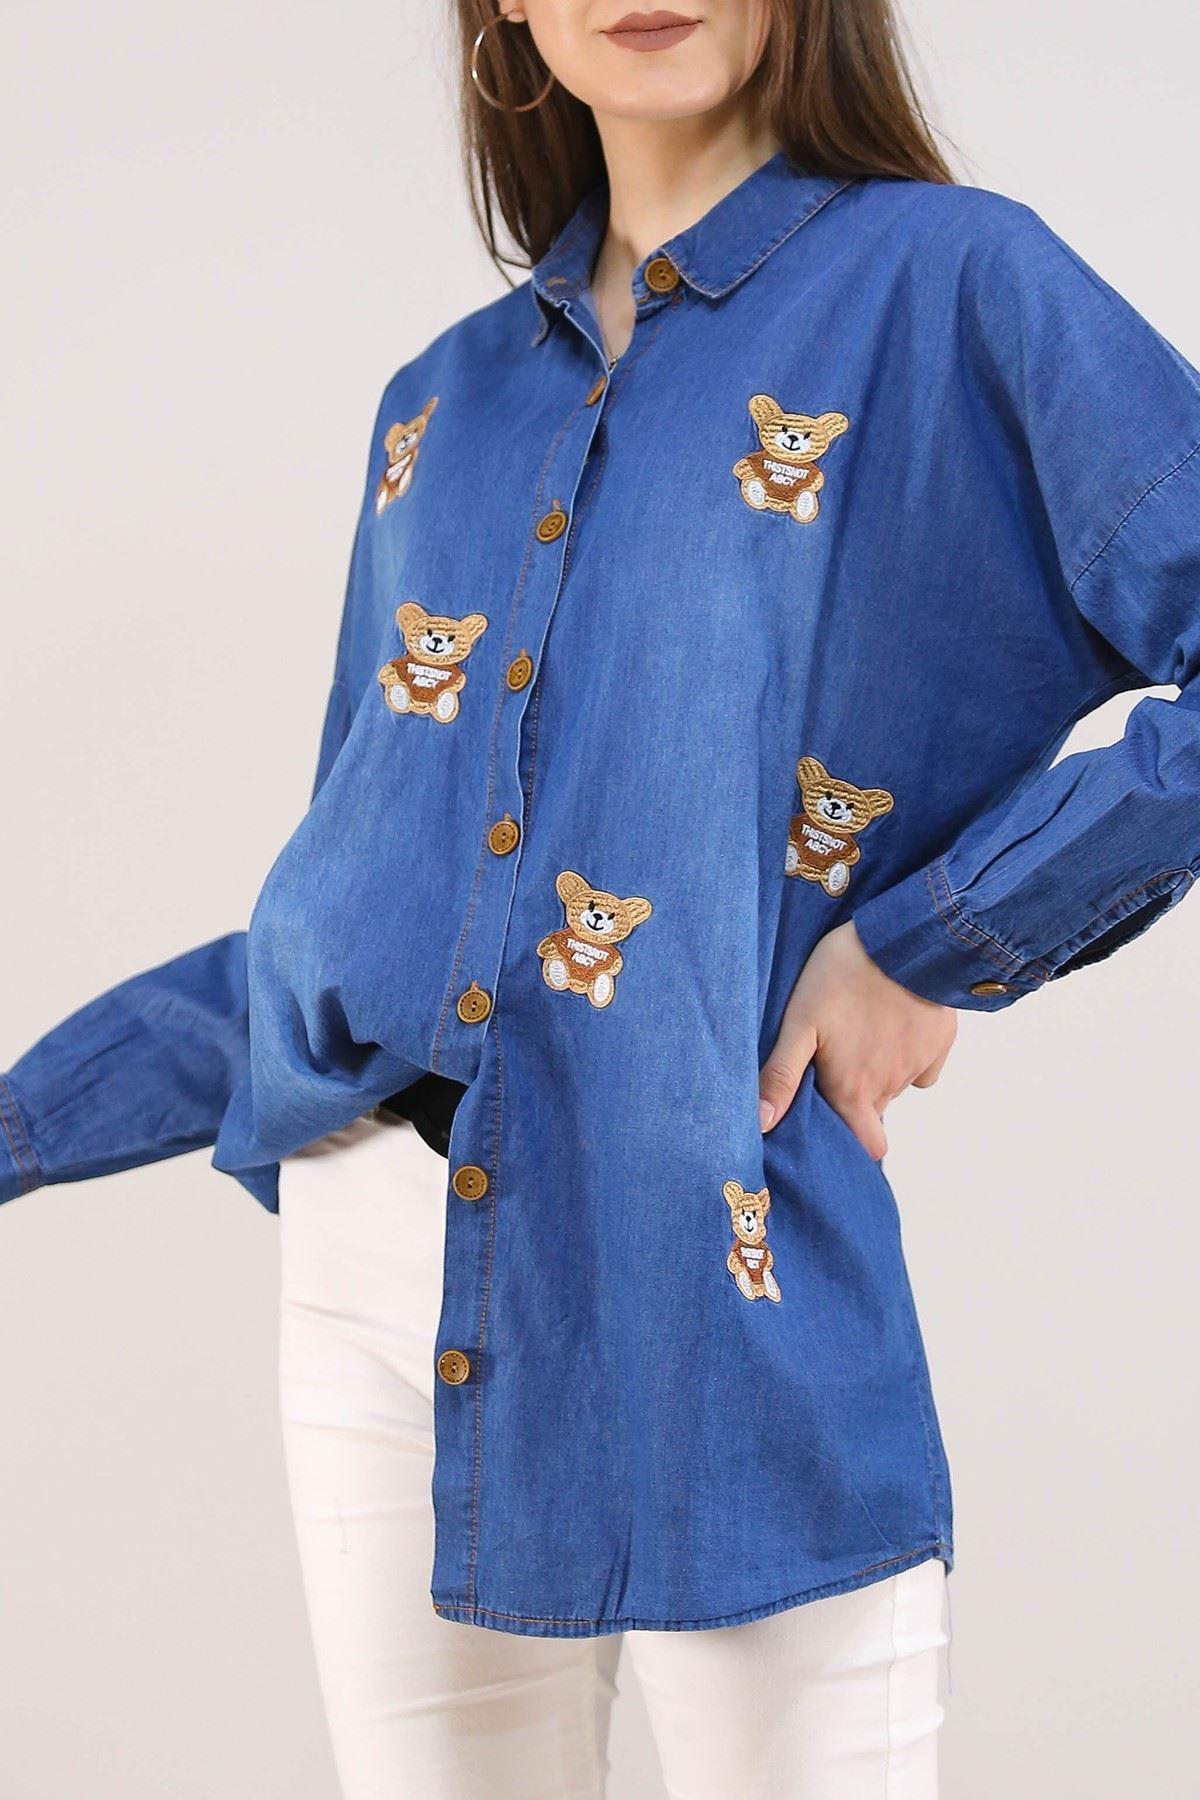 Ayıcıklı Kadın Kot Gömlek Lacivert - 8069.1352.